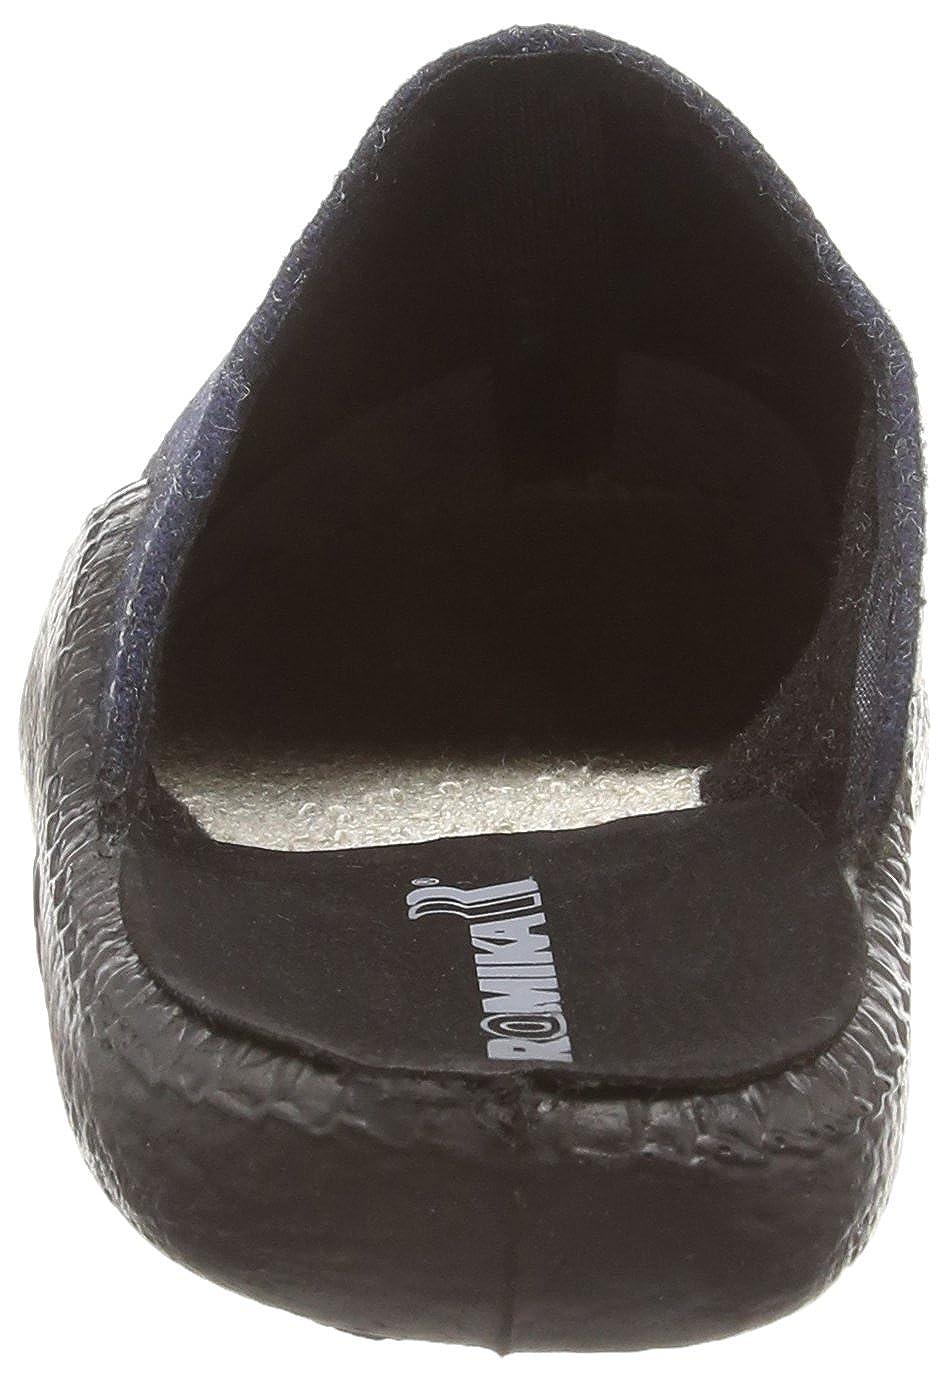 Femme Chaussures Microfibre Hy À Bottes TFK1J3cl